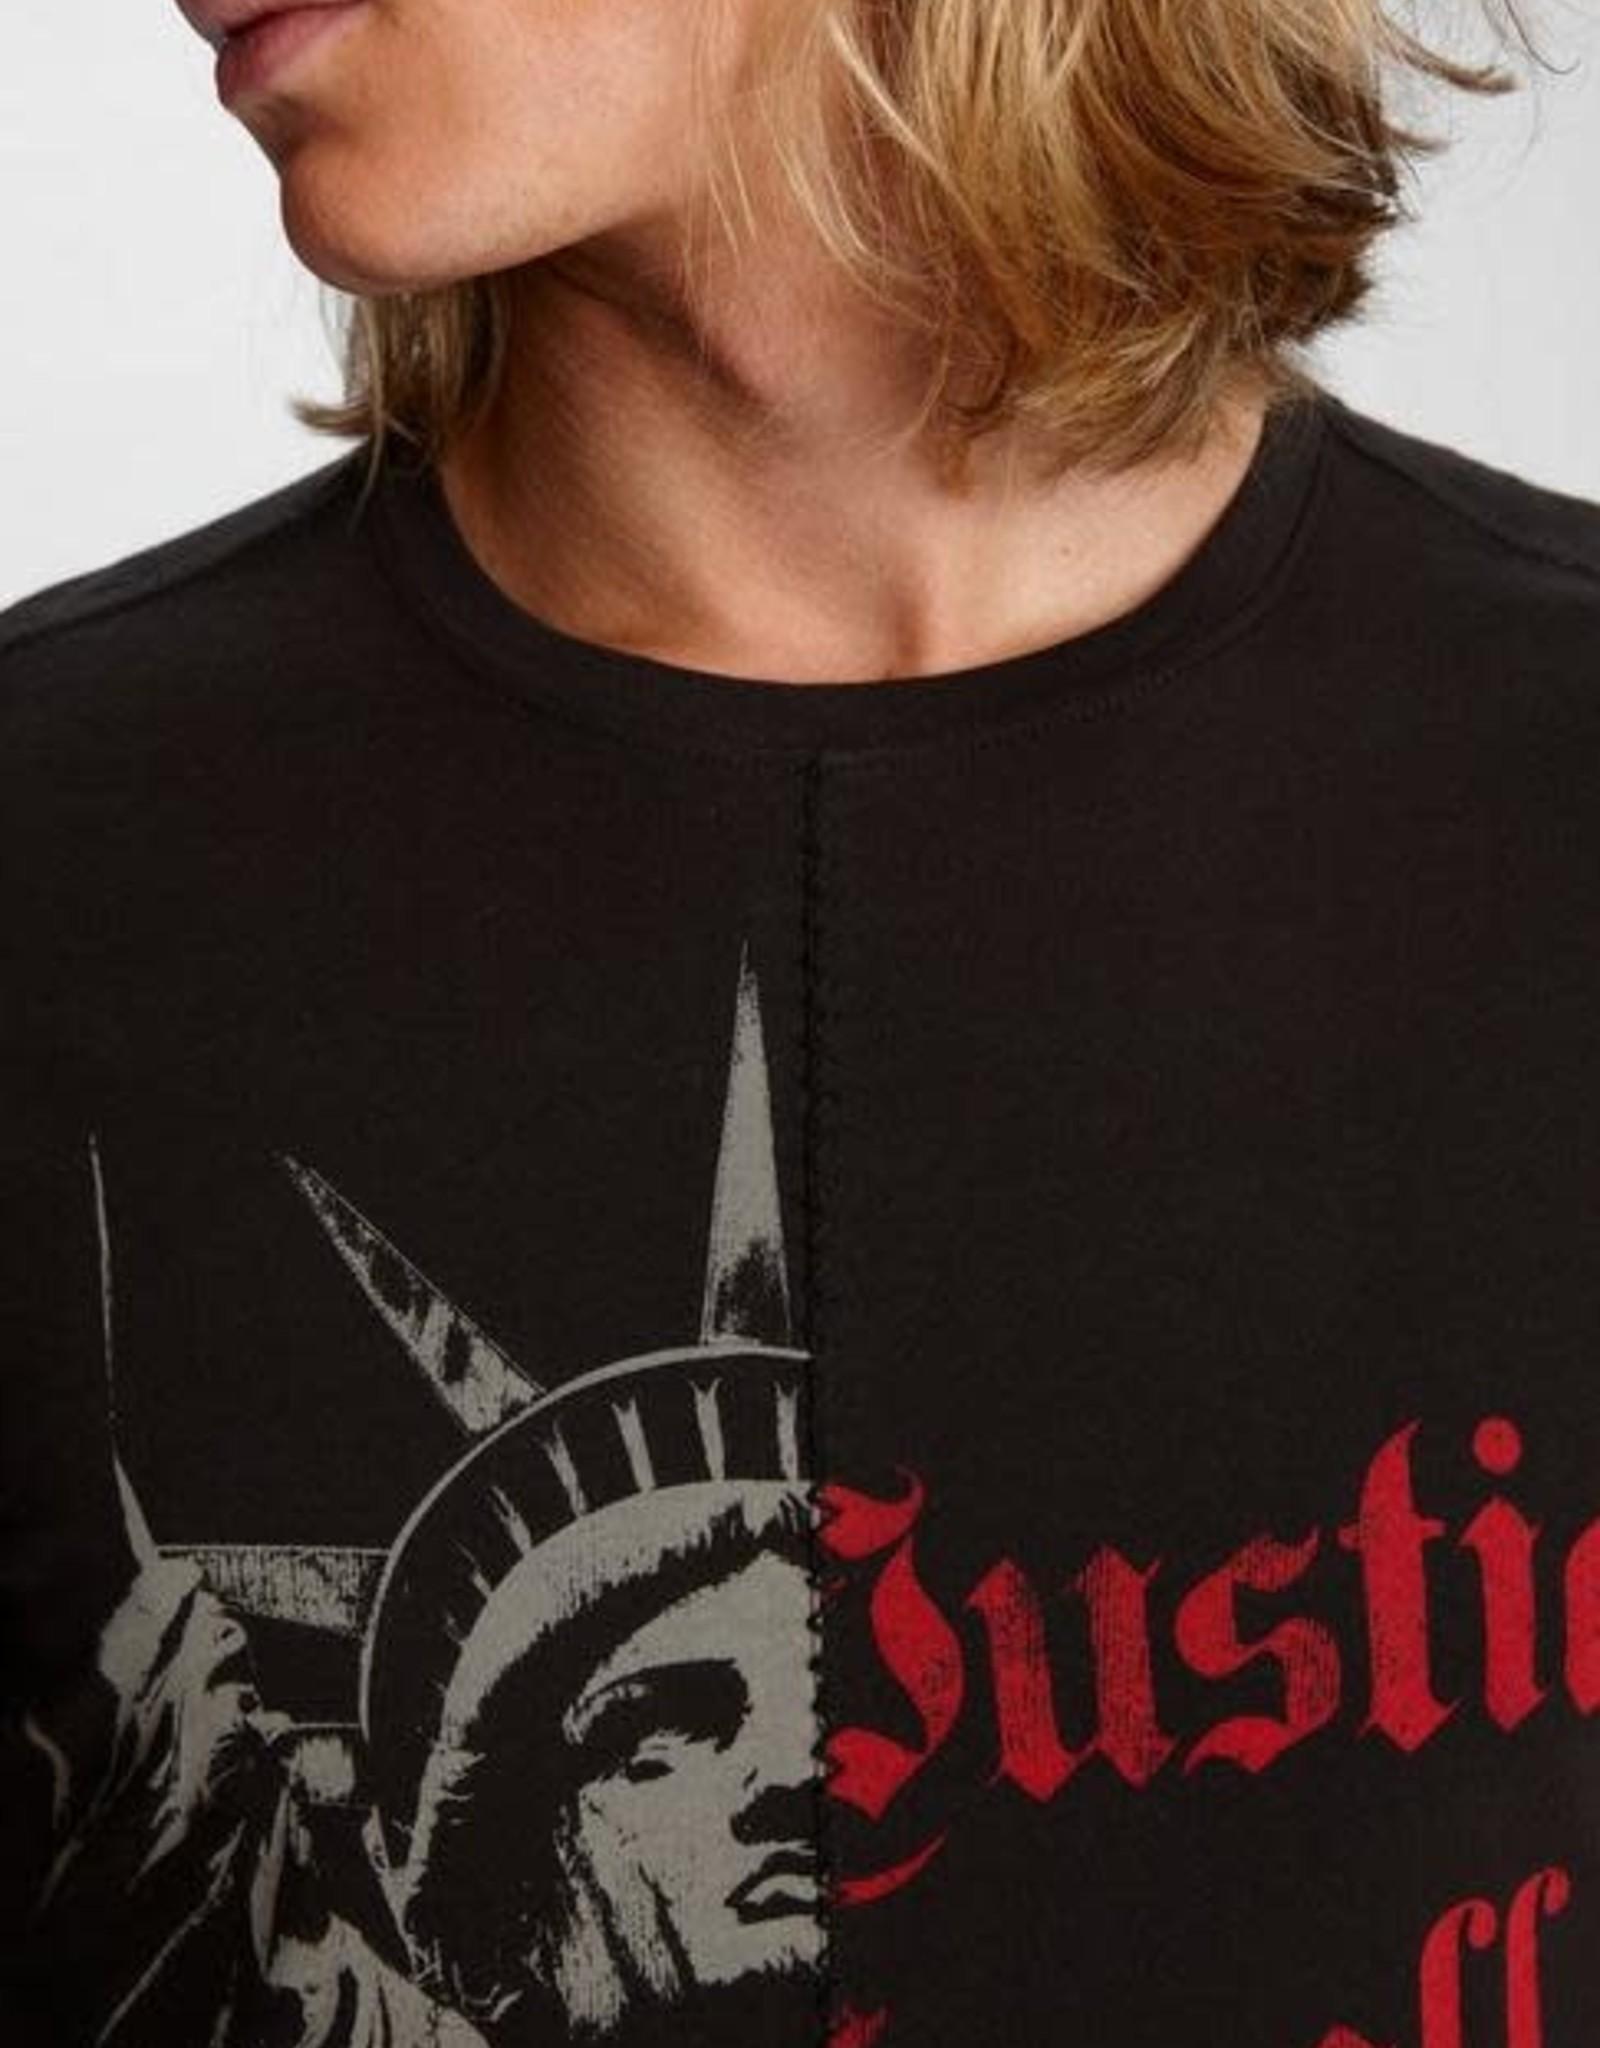 John Varvatos John Varvatos Liberty / Justice Tee